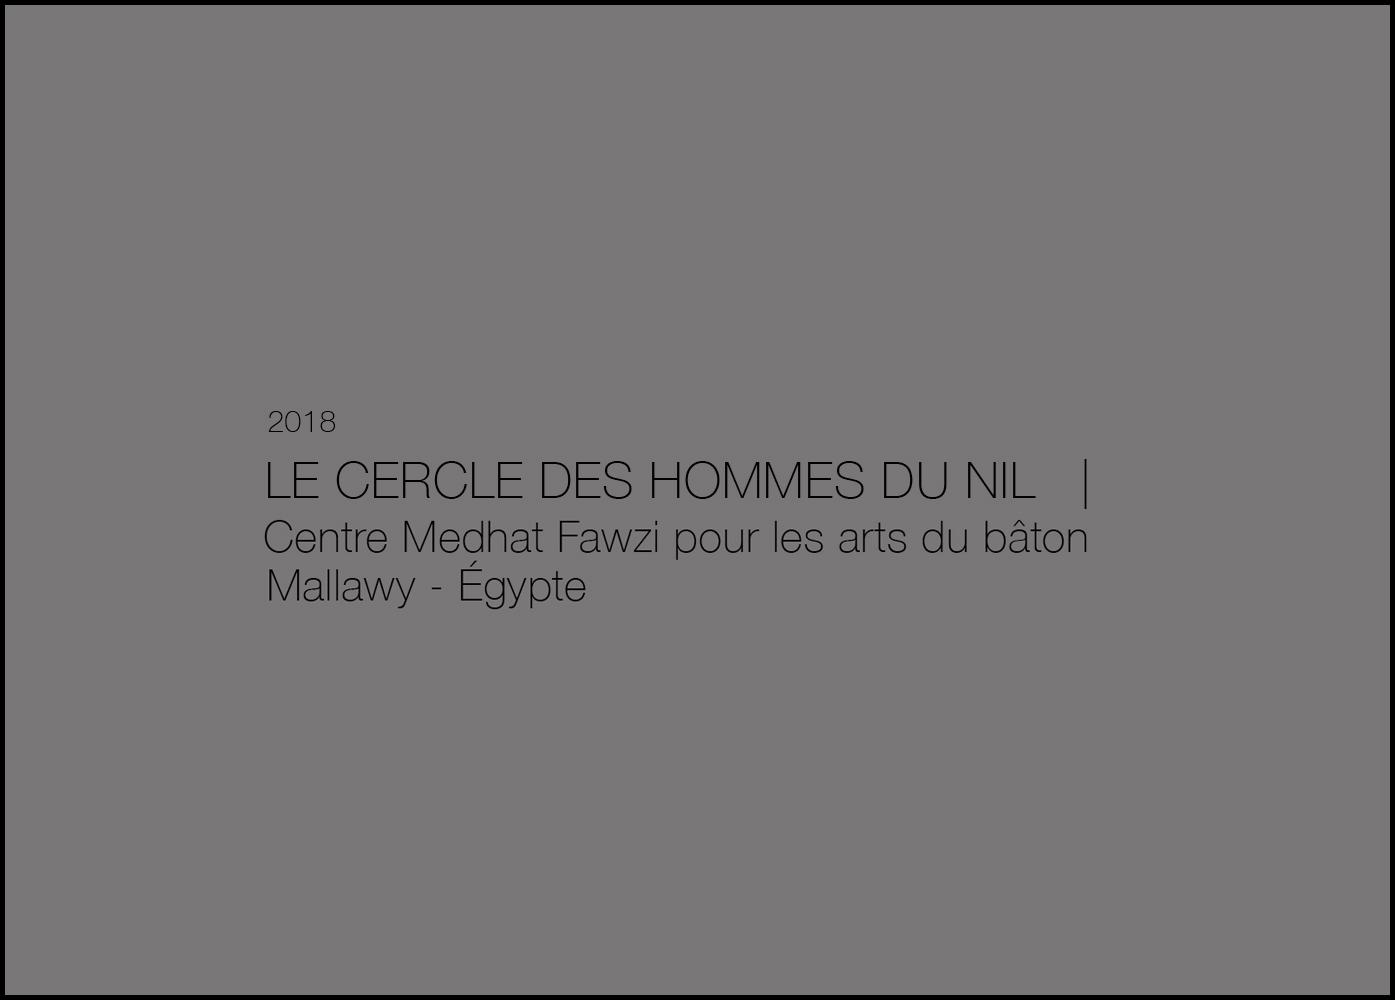 1_Cercle-des-Hommes-du-Nil_3933